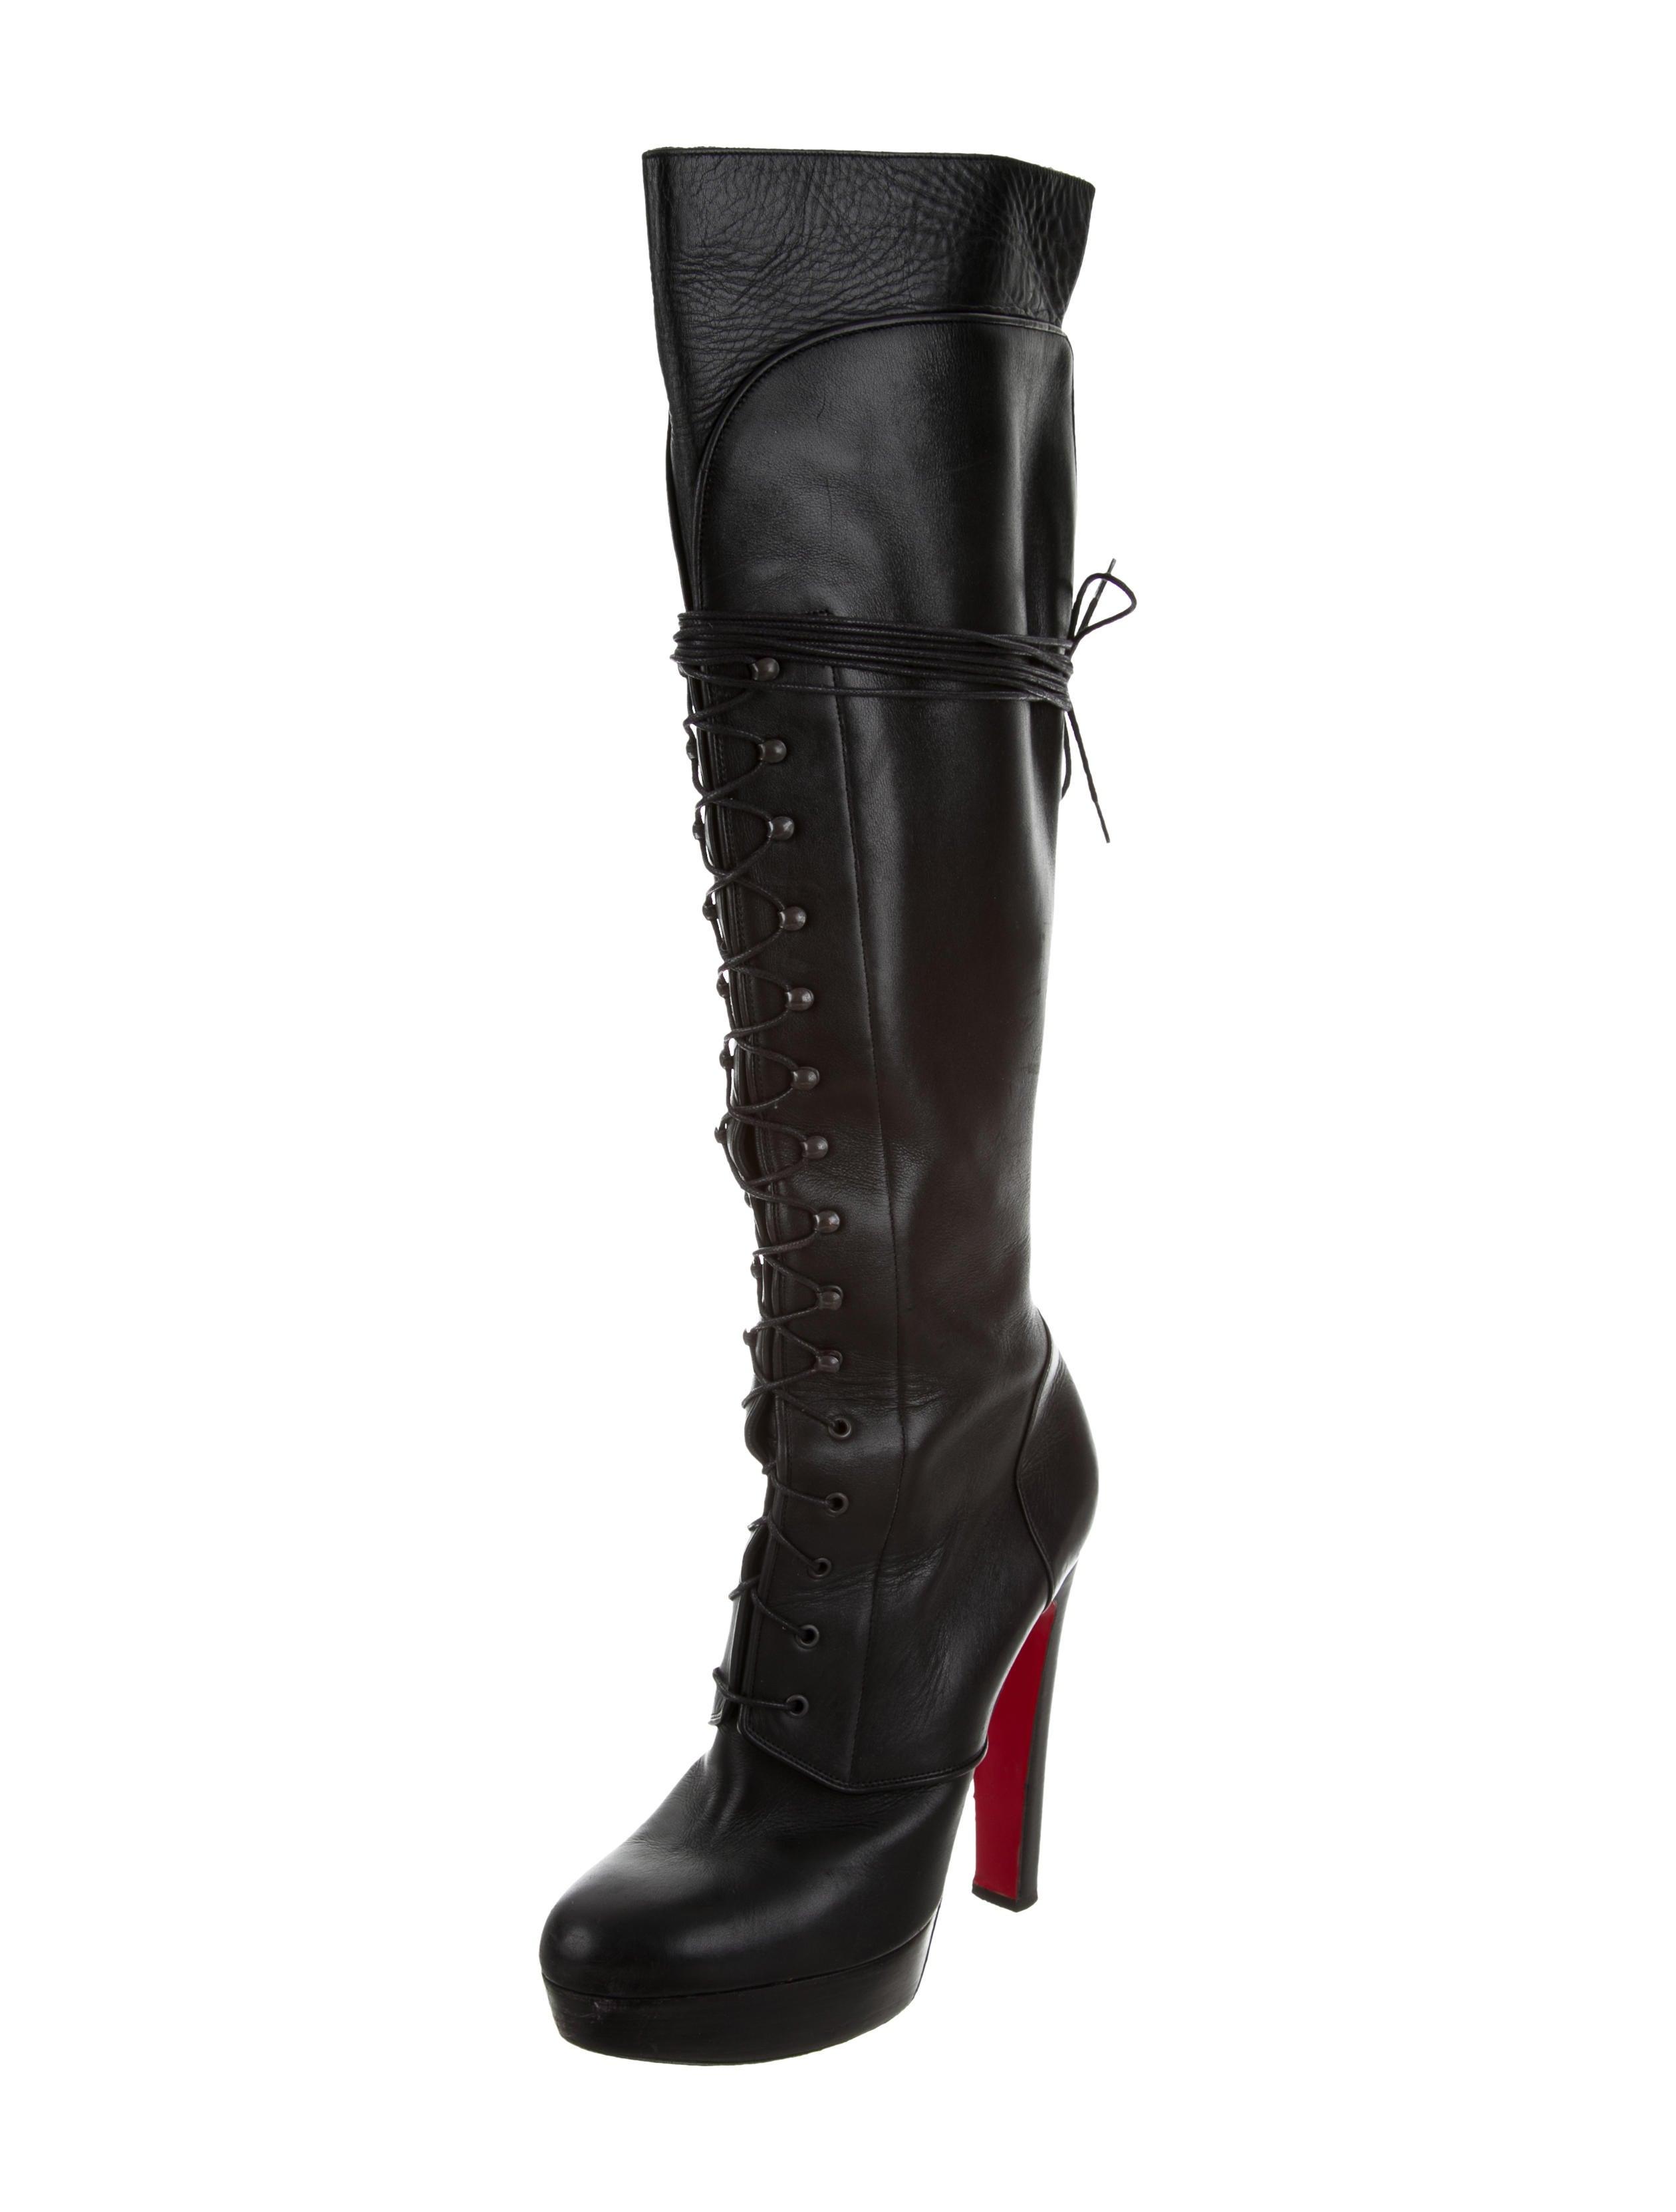 Balenciaga Shoes Dhgate | OIS Group